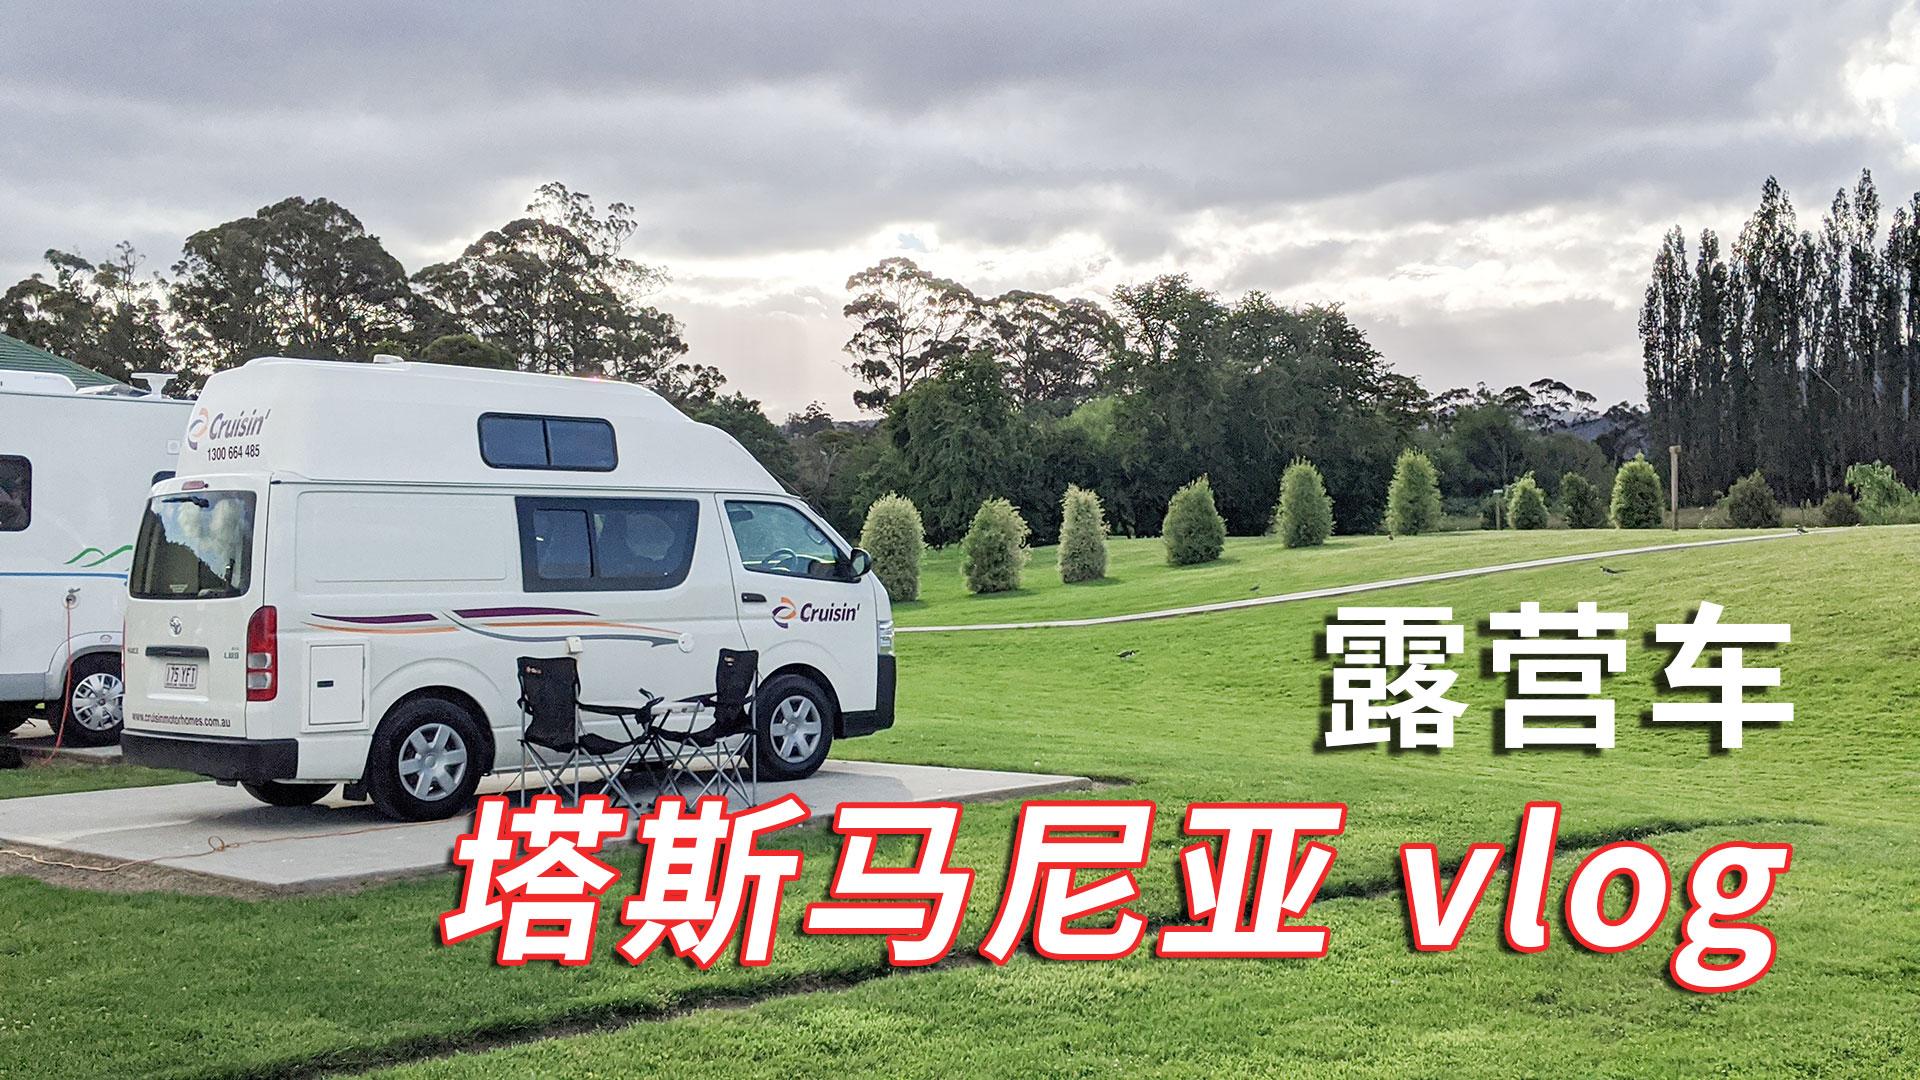 澳洲塔斯马尼亚 Tasmania 旅行vlog 露营车与房车营地体验